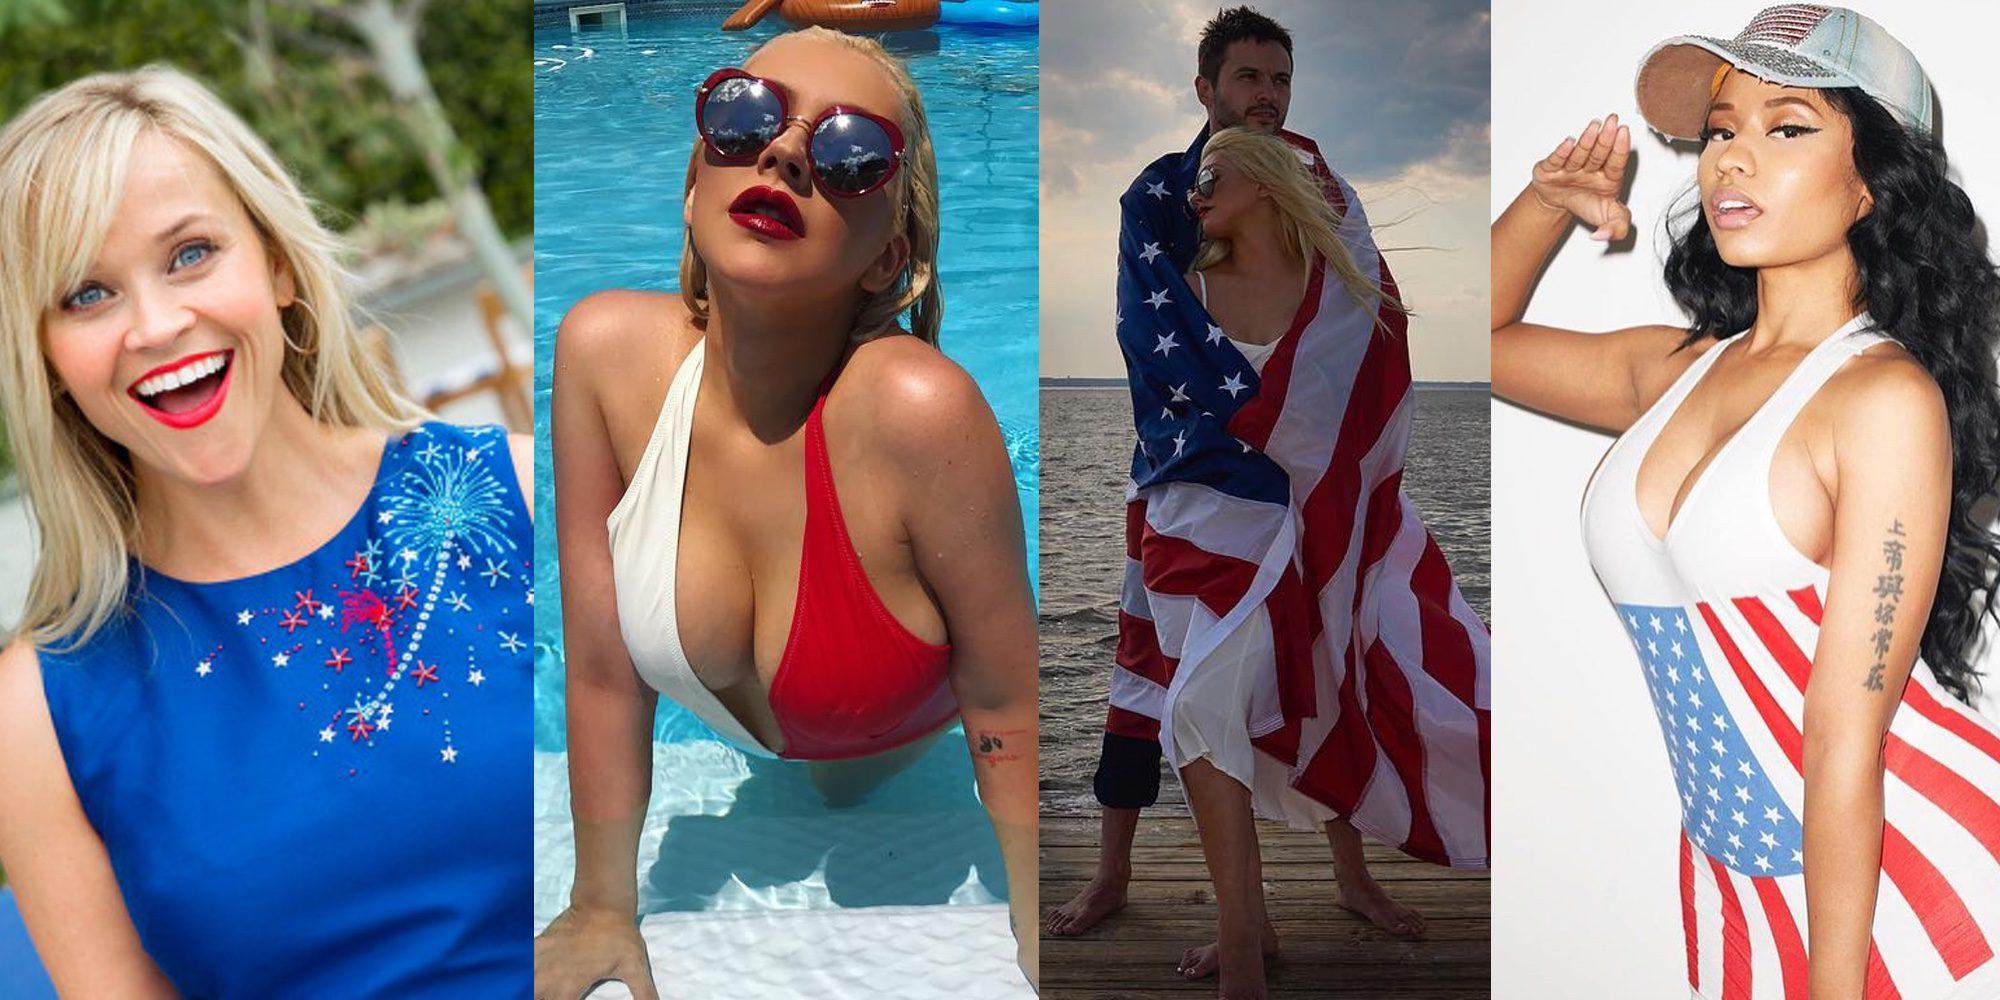 La familia Affleck, Sofía Vergara, Nicki Minaj... Los famosos celebran el 4 de julio, día de la Independencia